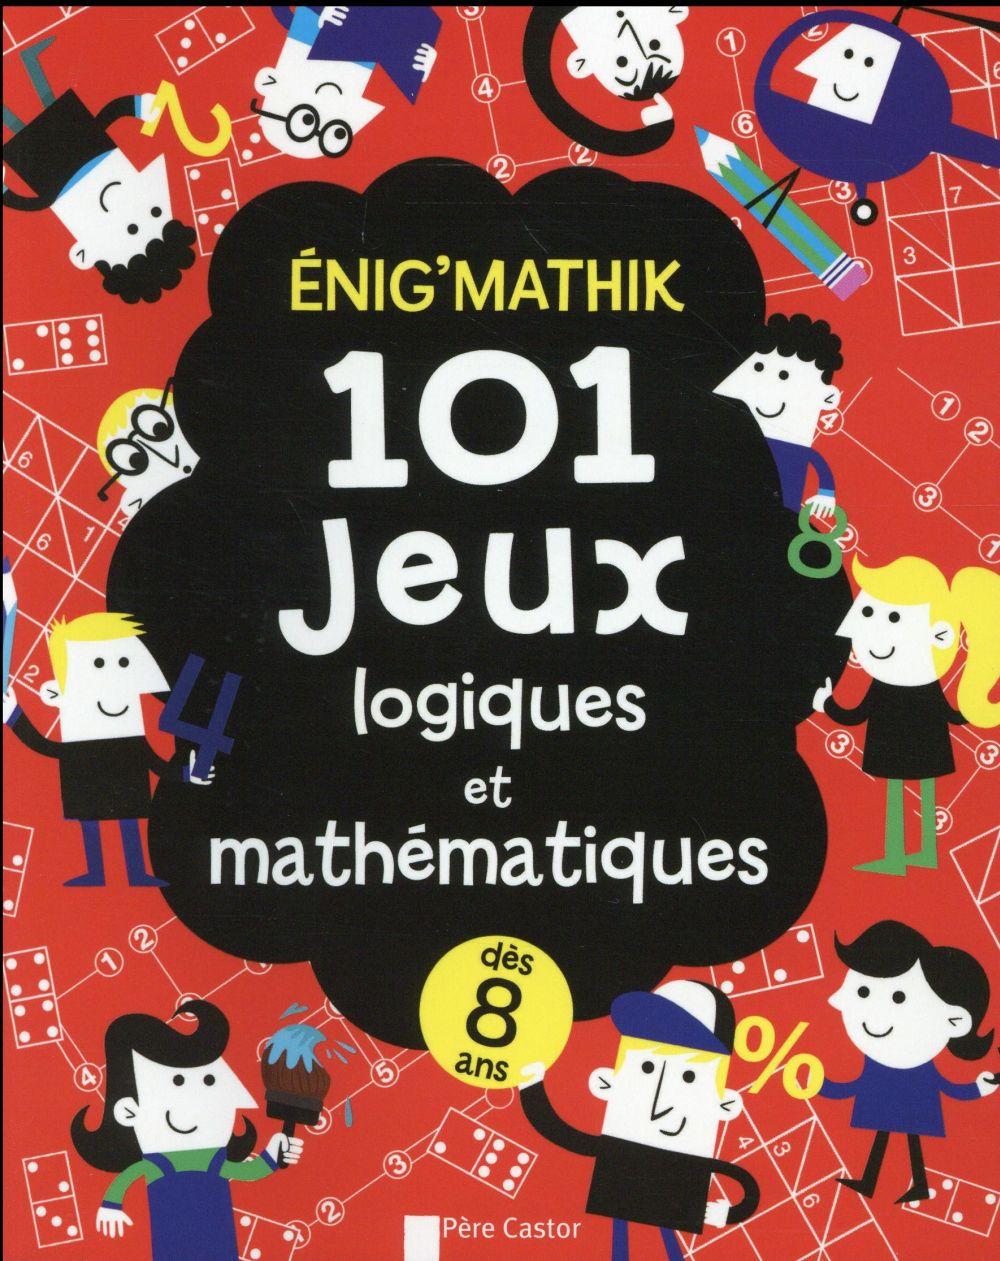 Enig'mathik ; 101 jeux logiques et mathématiques